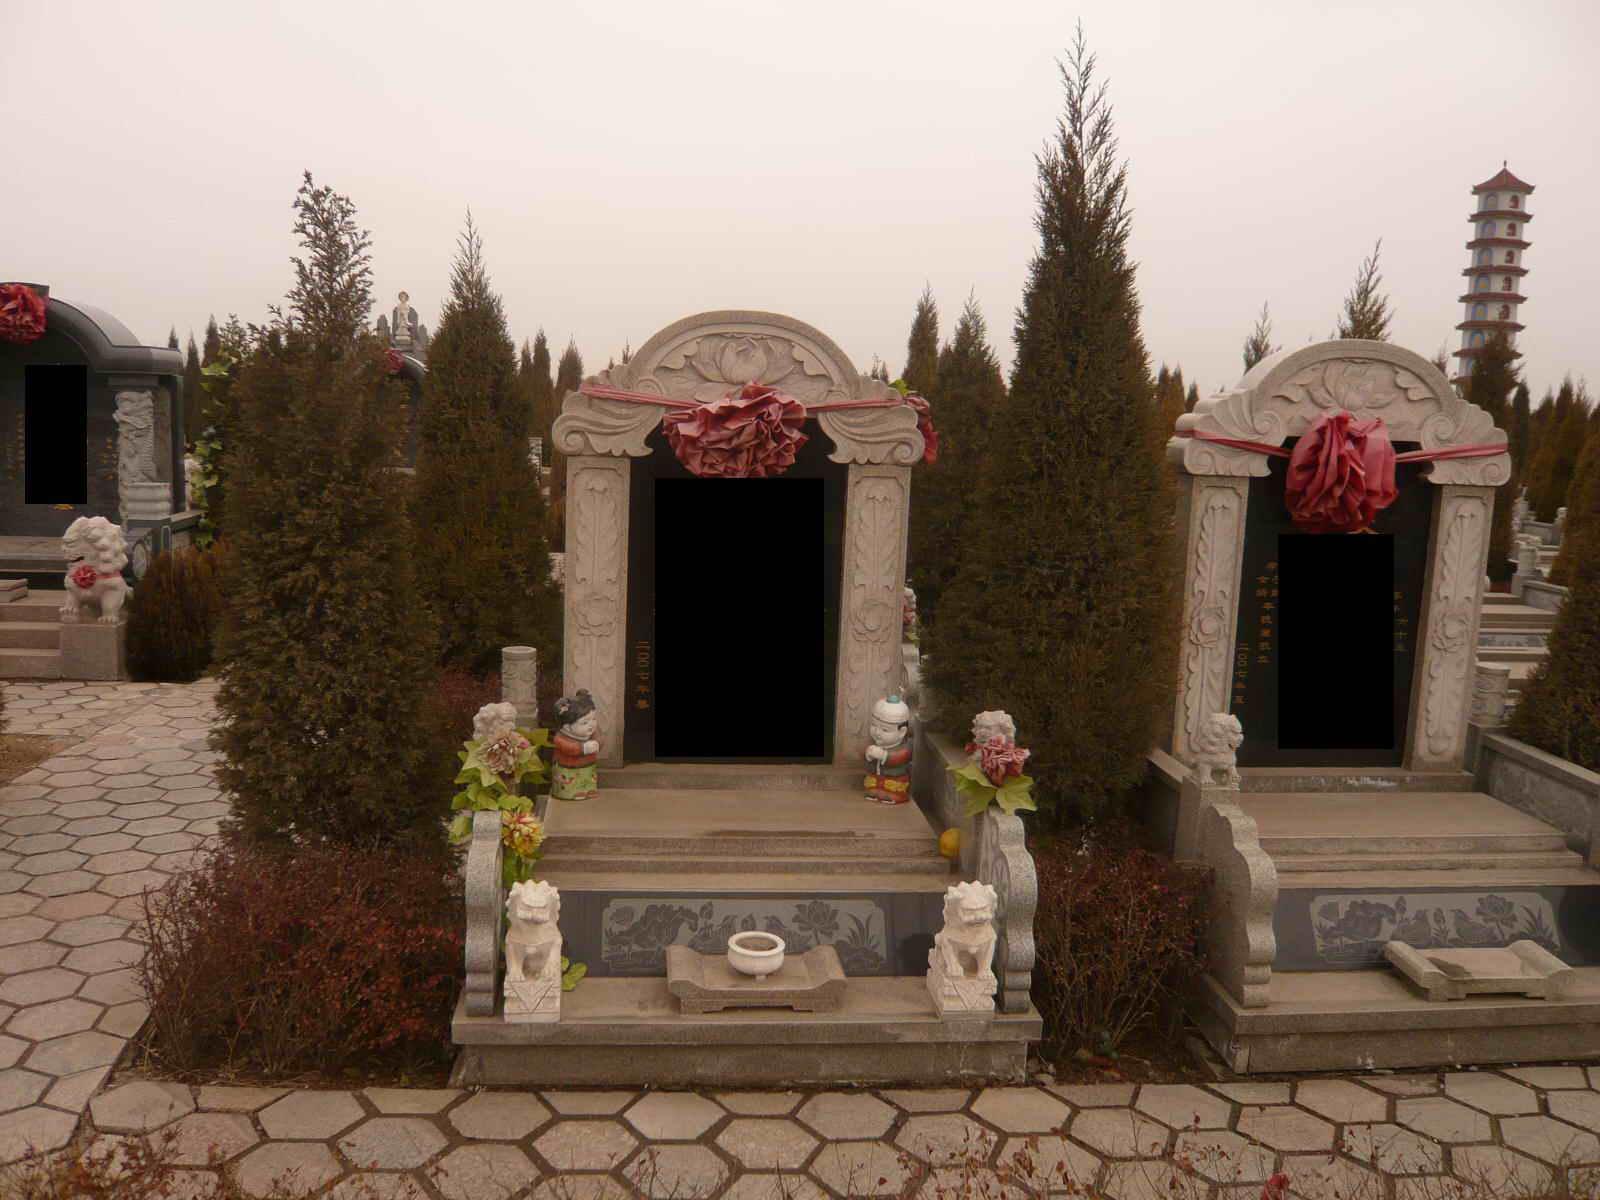 天津市德慈塔陵公墓